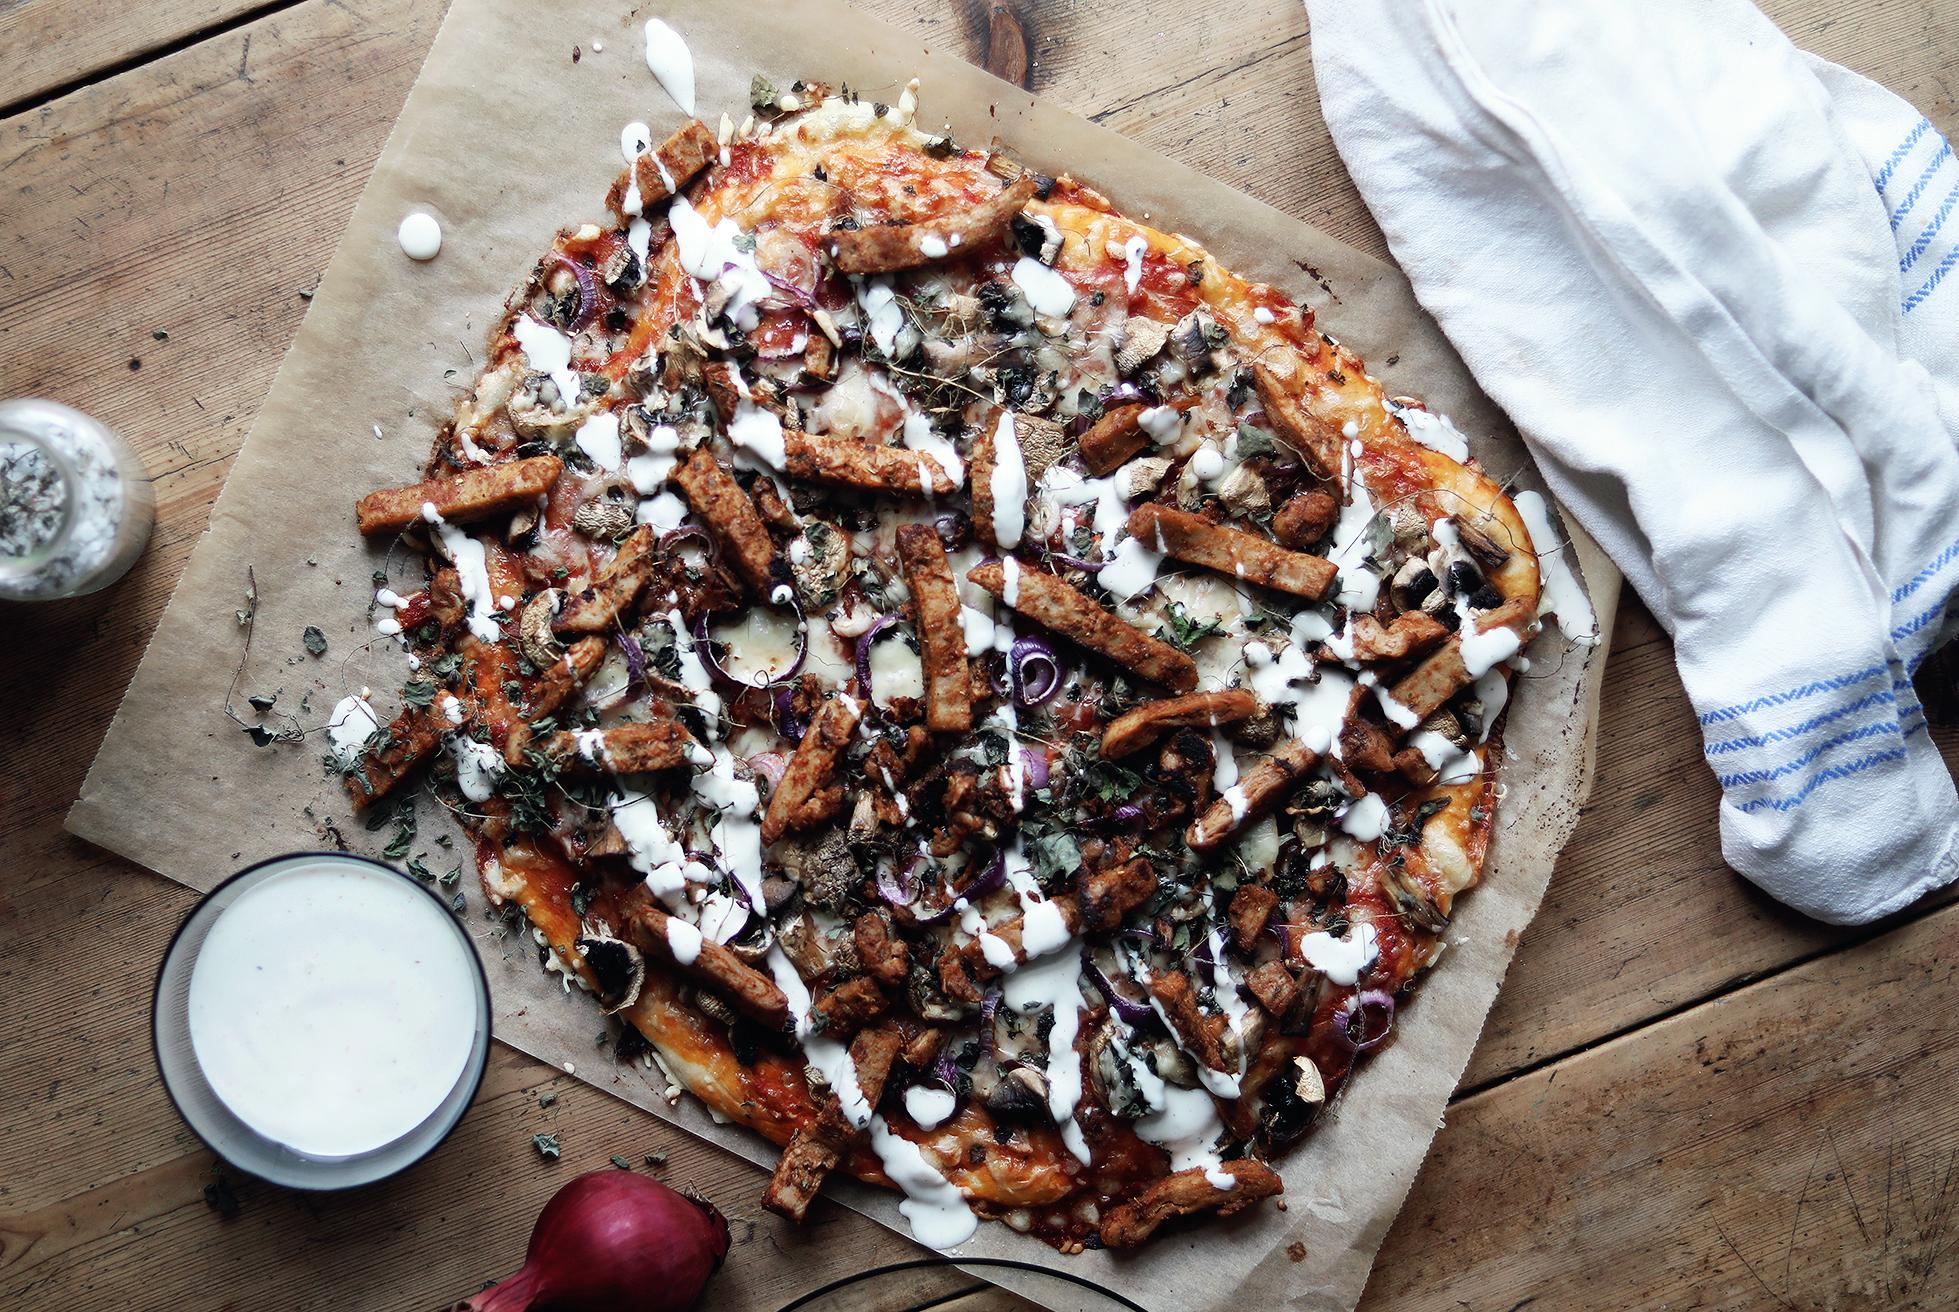 vegetarisk pizza kebabpizza recept vegetariskt lätt enkelt oumph kebab lök svamp champinjoner by emmasvintage